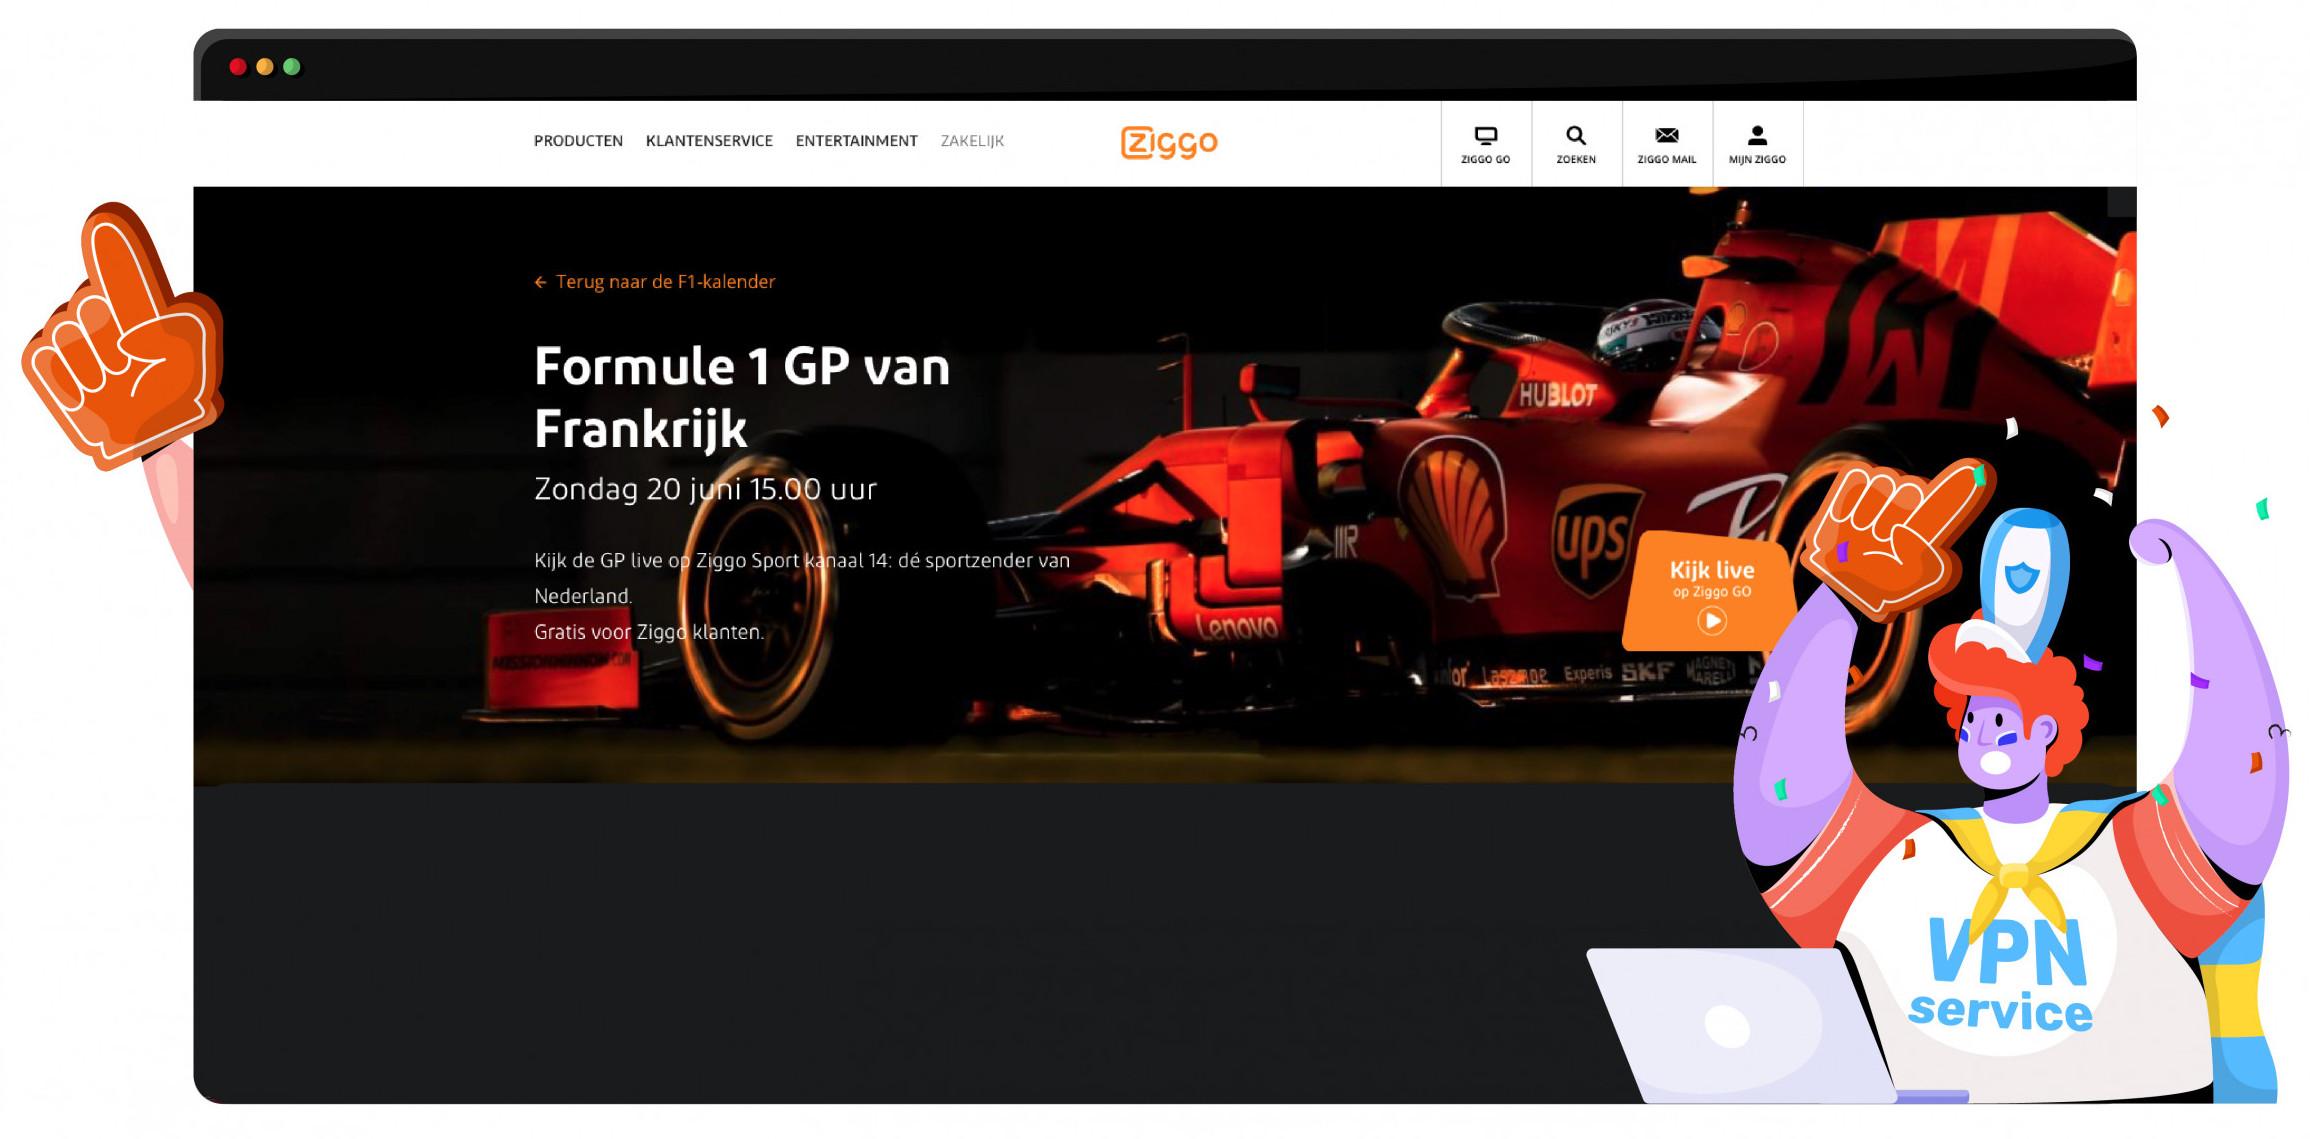 Je kunt nog steeds Formule 1 kijken op Ziggo